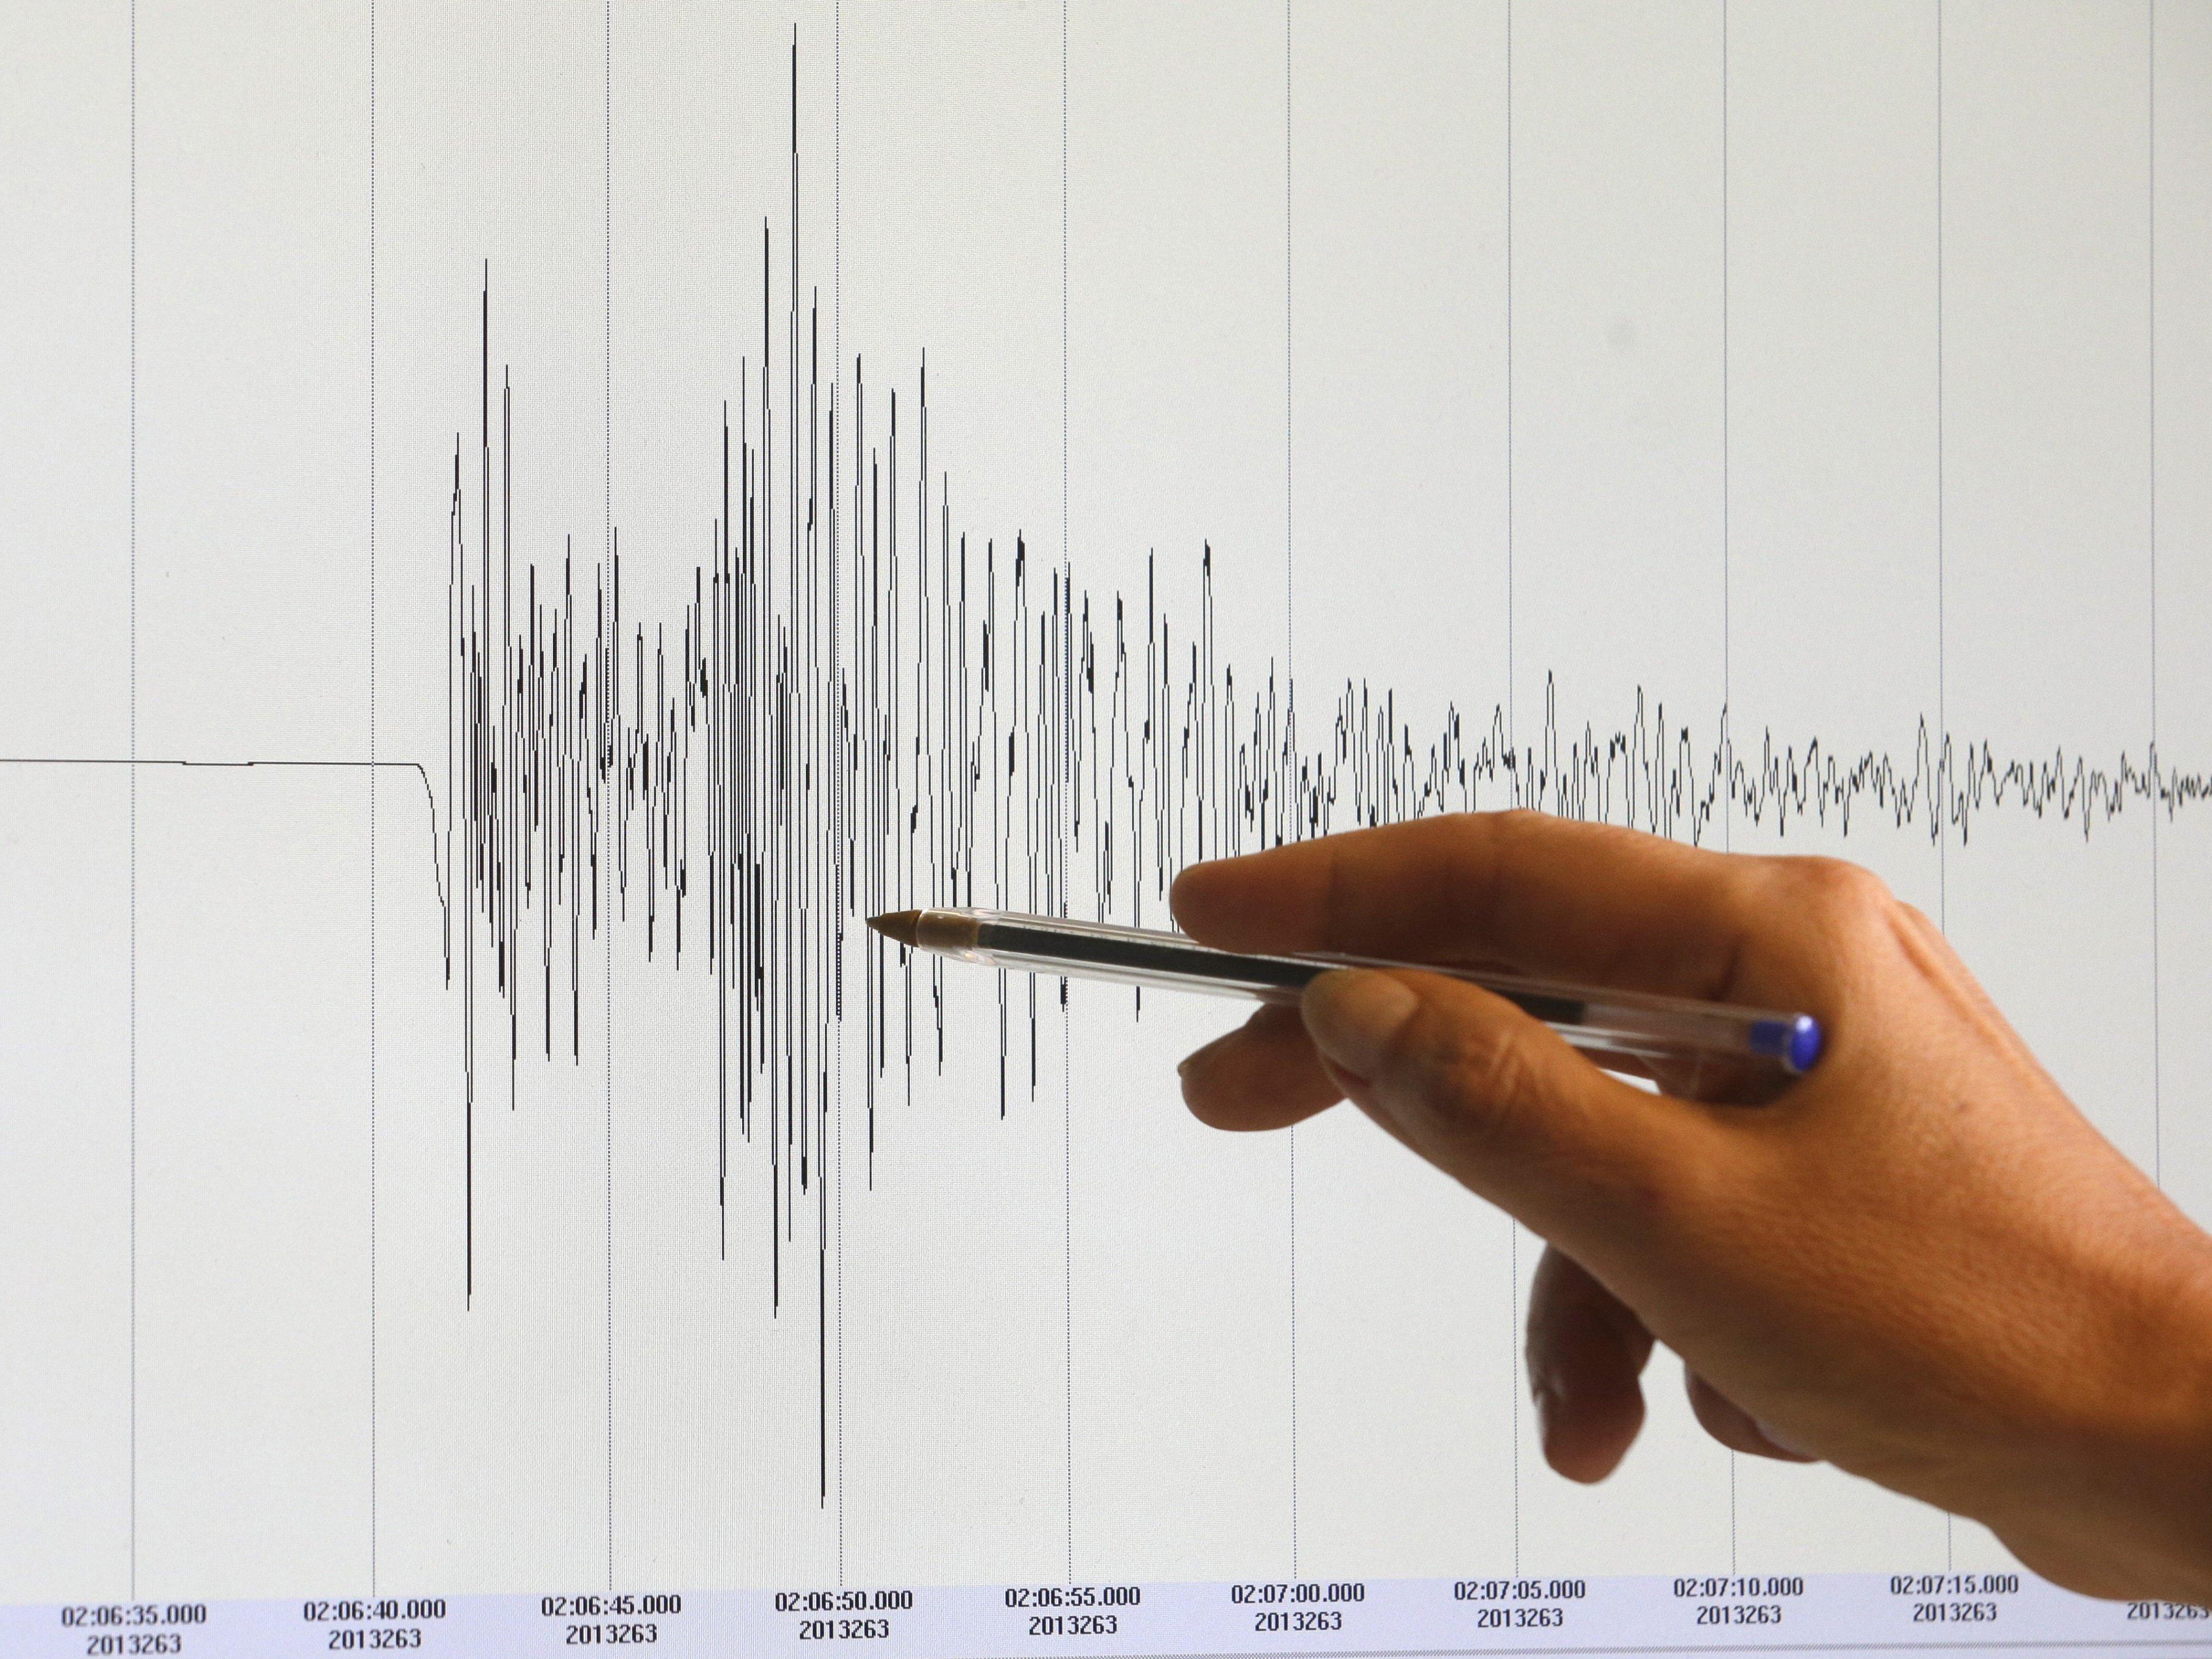 Das Erdbeben ereignete sich im Bezirk Neunkirchen in Niederösterreich.